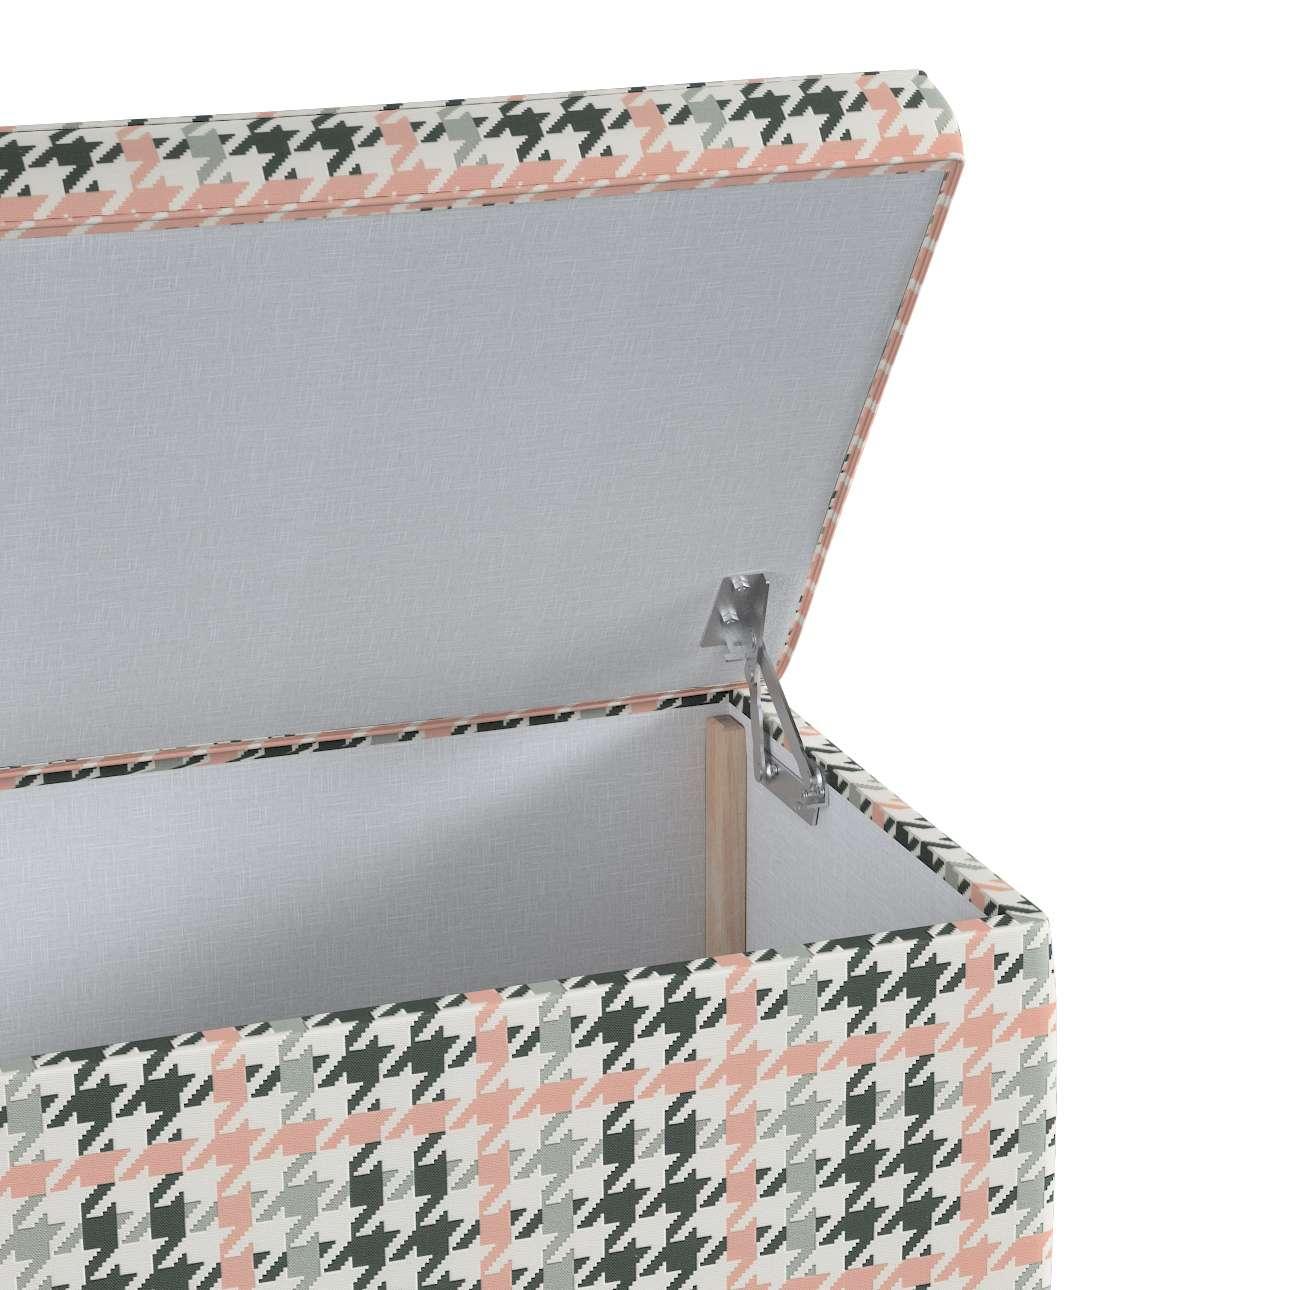 Čalouněná skříň s volbou látky - 2 velikosti v kolekci Brooklyn, látka: 137-75